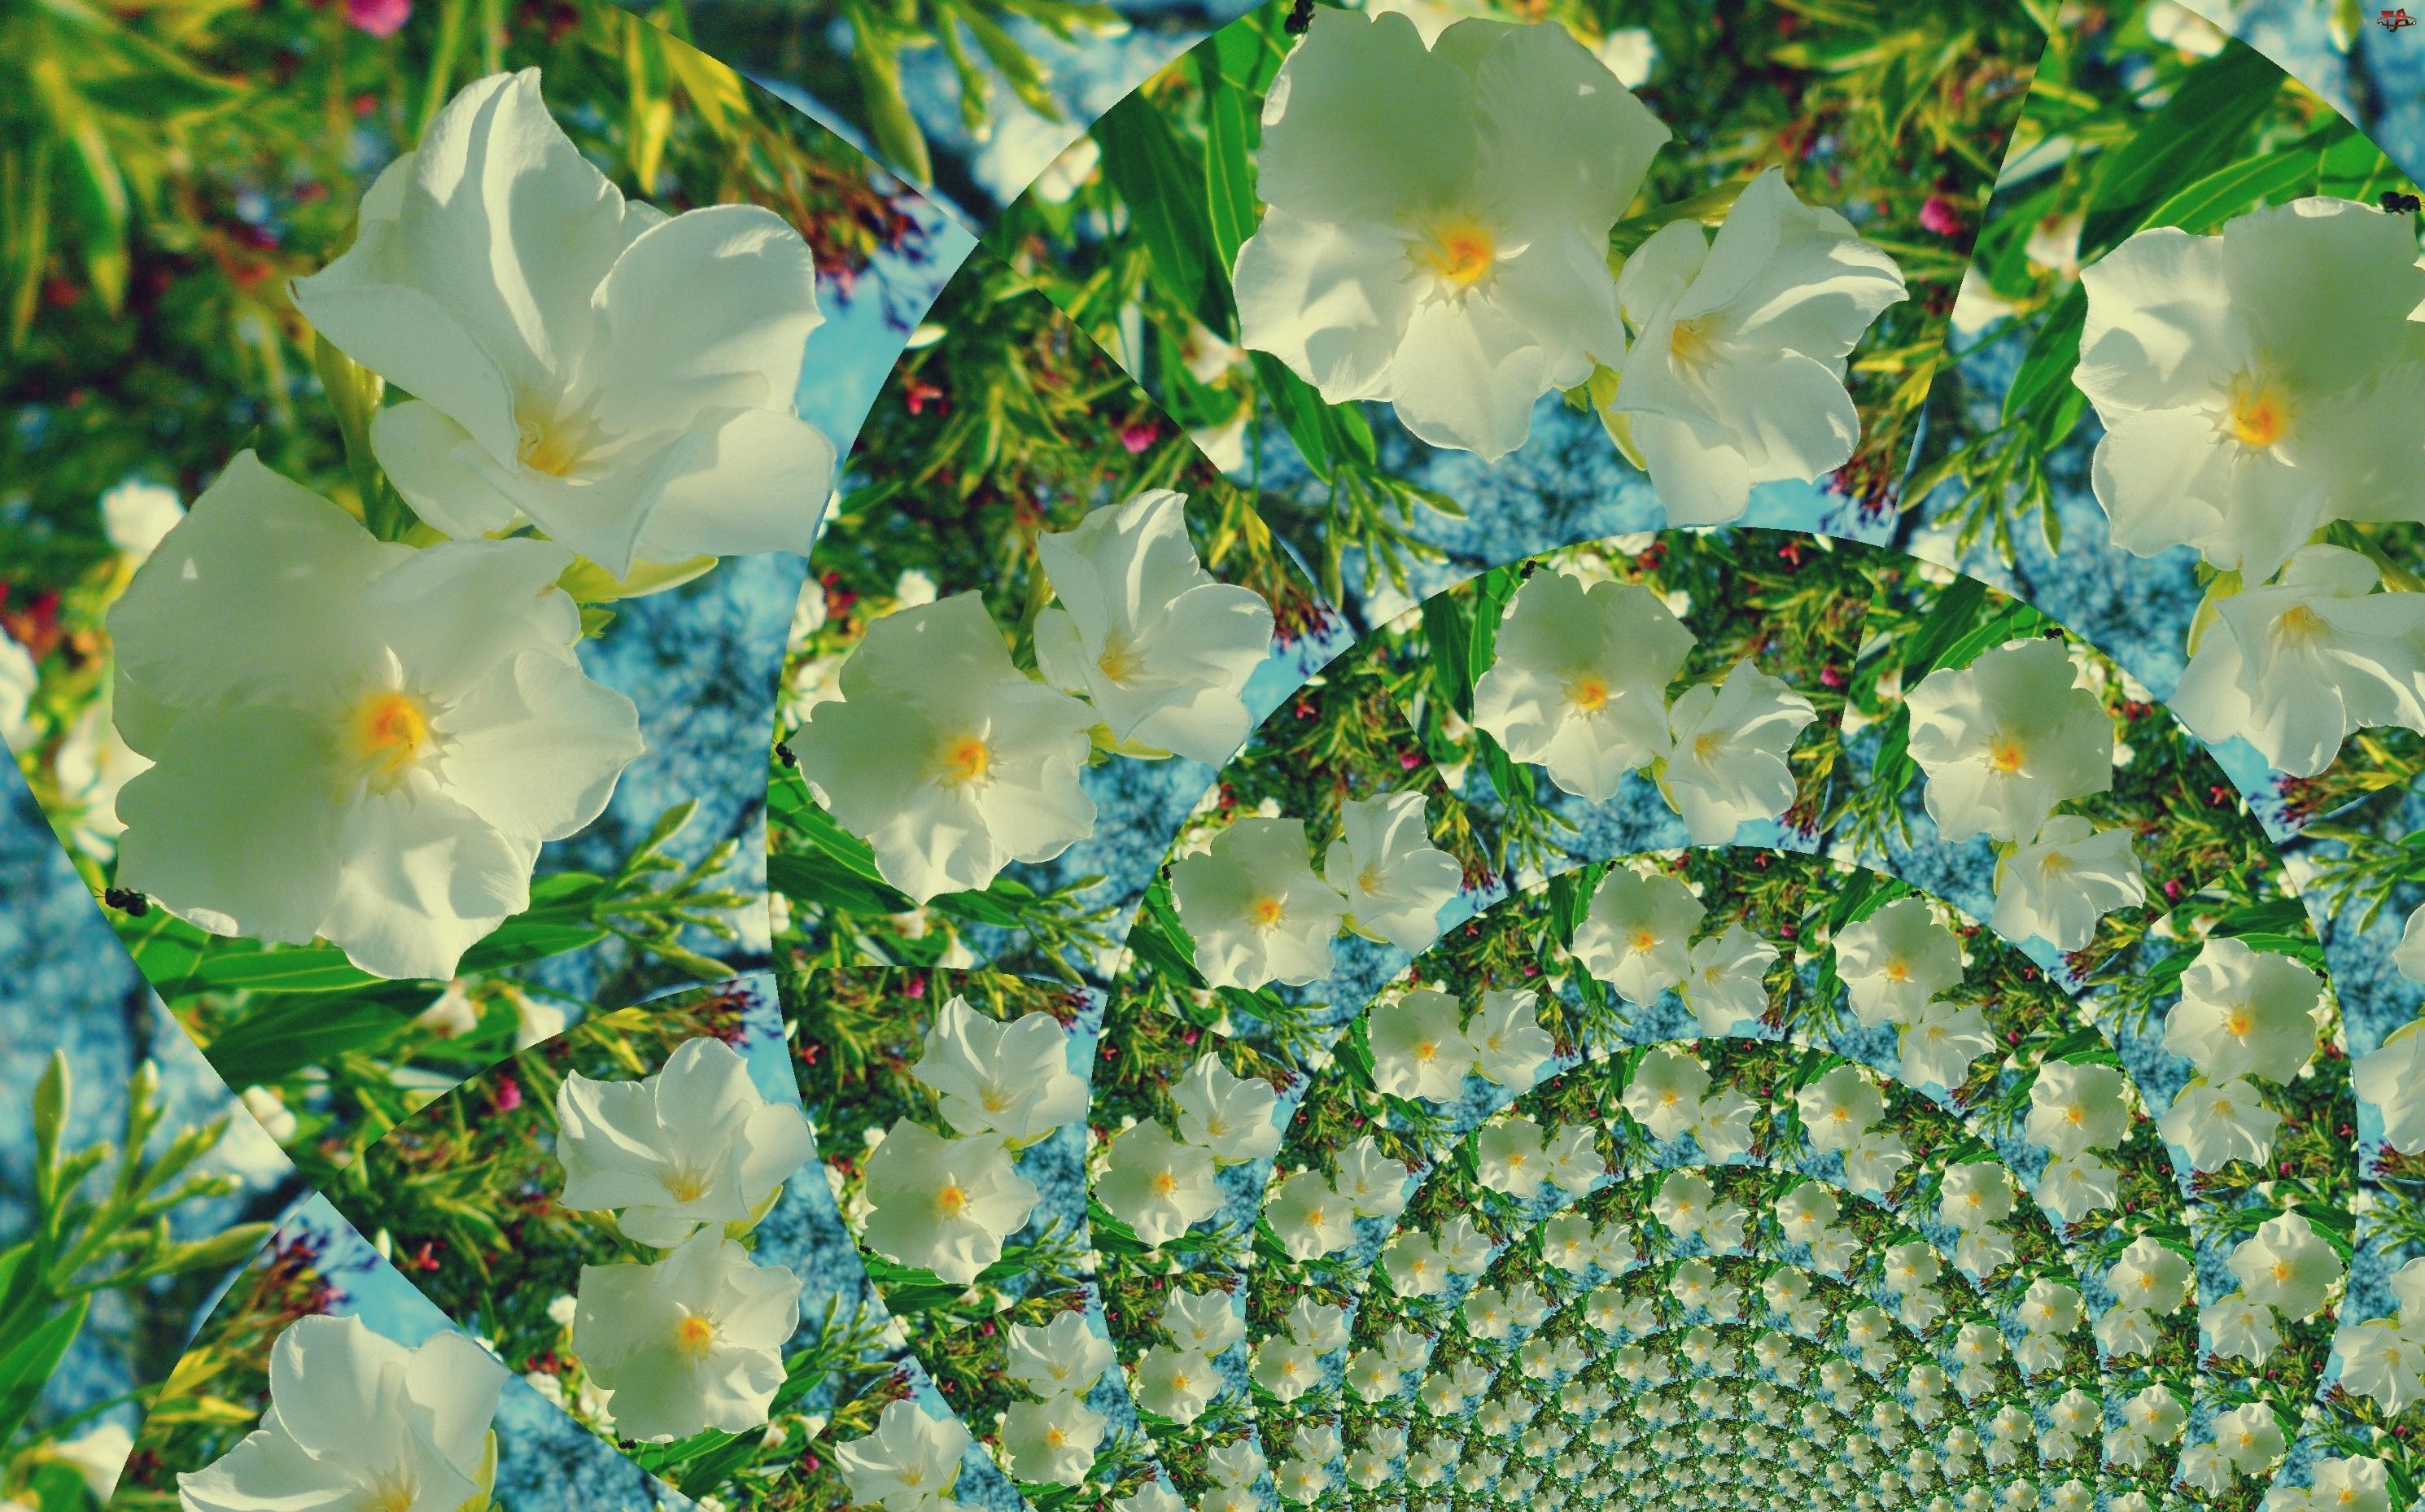 Tunel, Grafika, Białych, Kwiatów